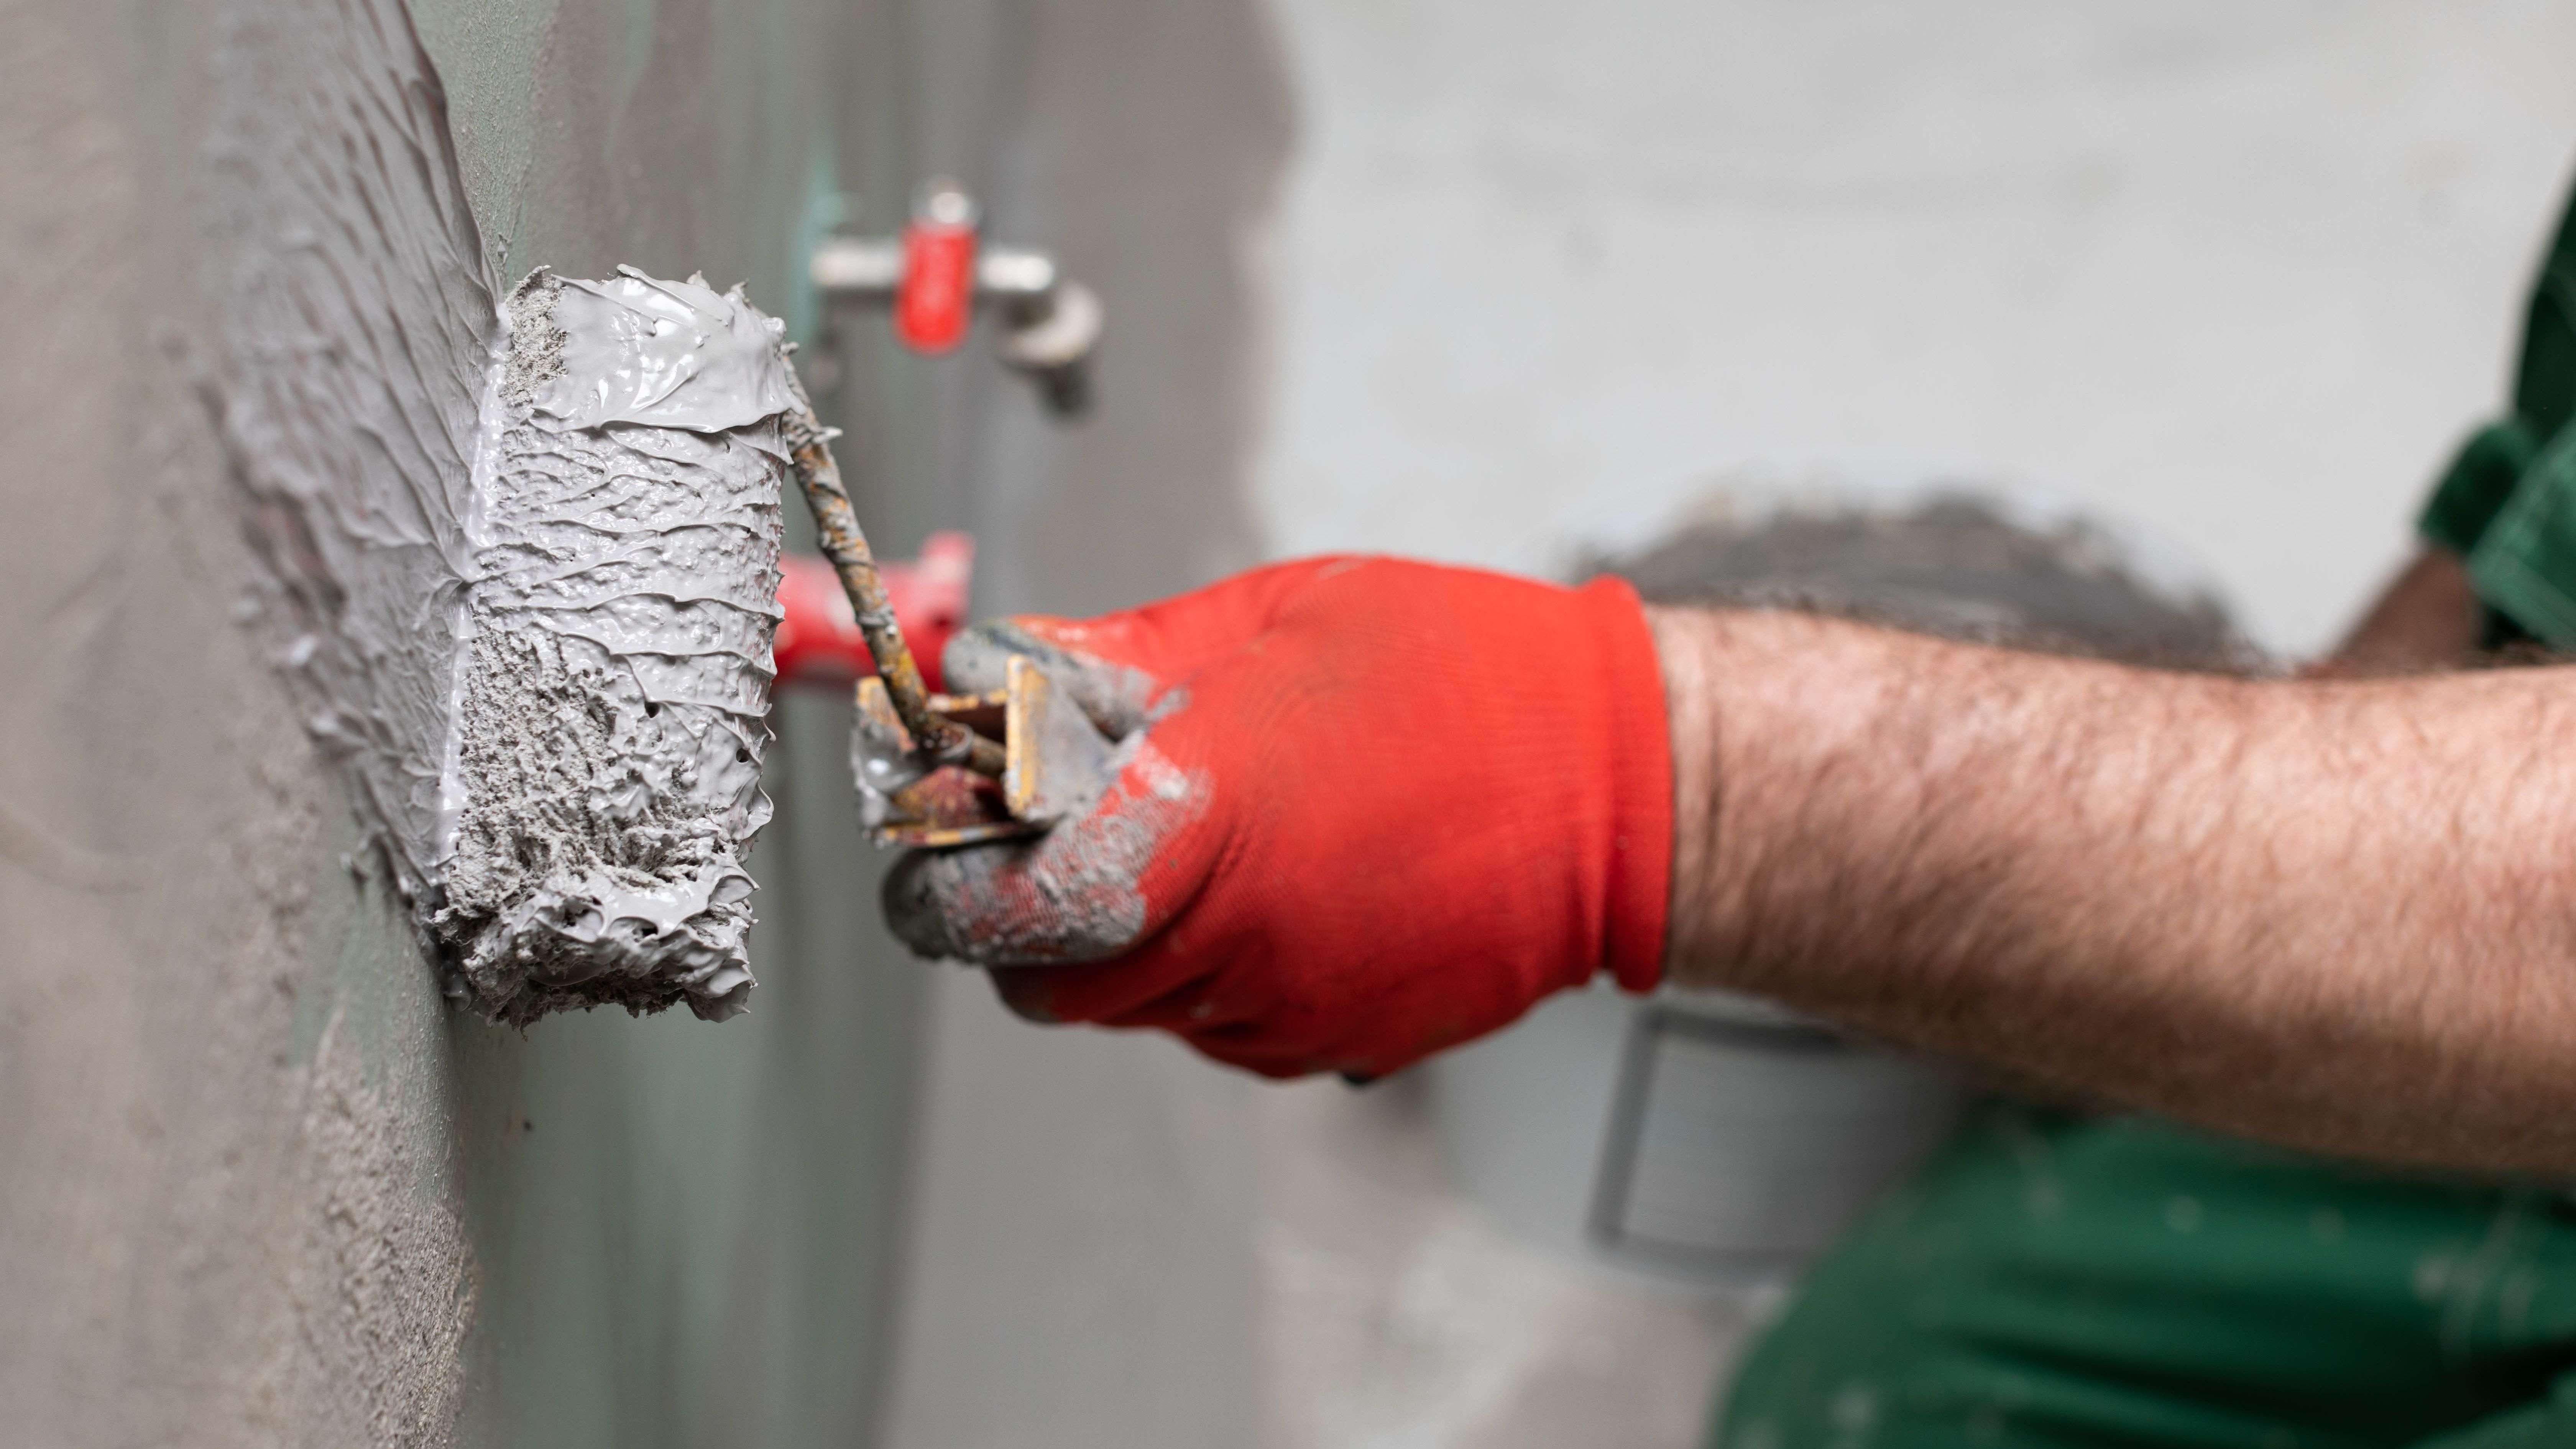 Comment préparer les murs pour la pose d'un carrelage avec projection d'eau